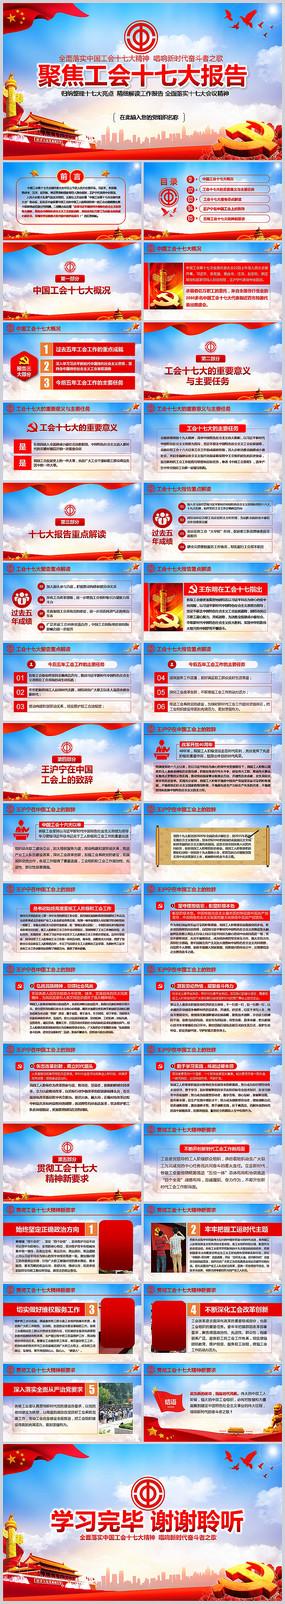 中工会十七次代表大会PPT pptx